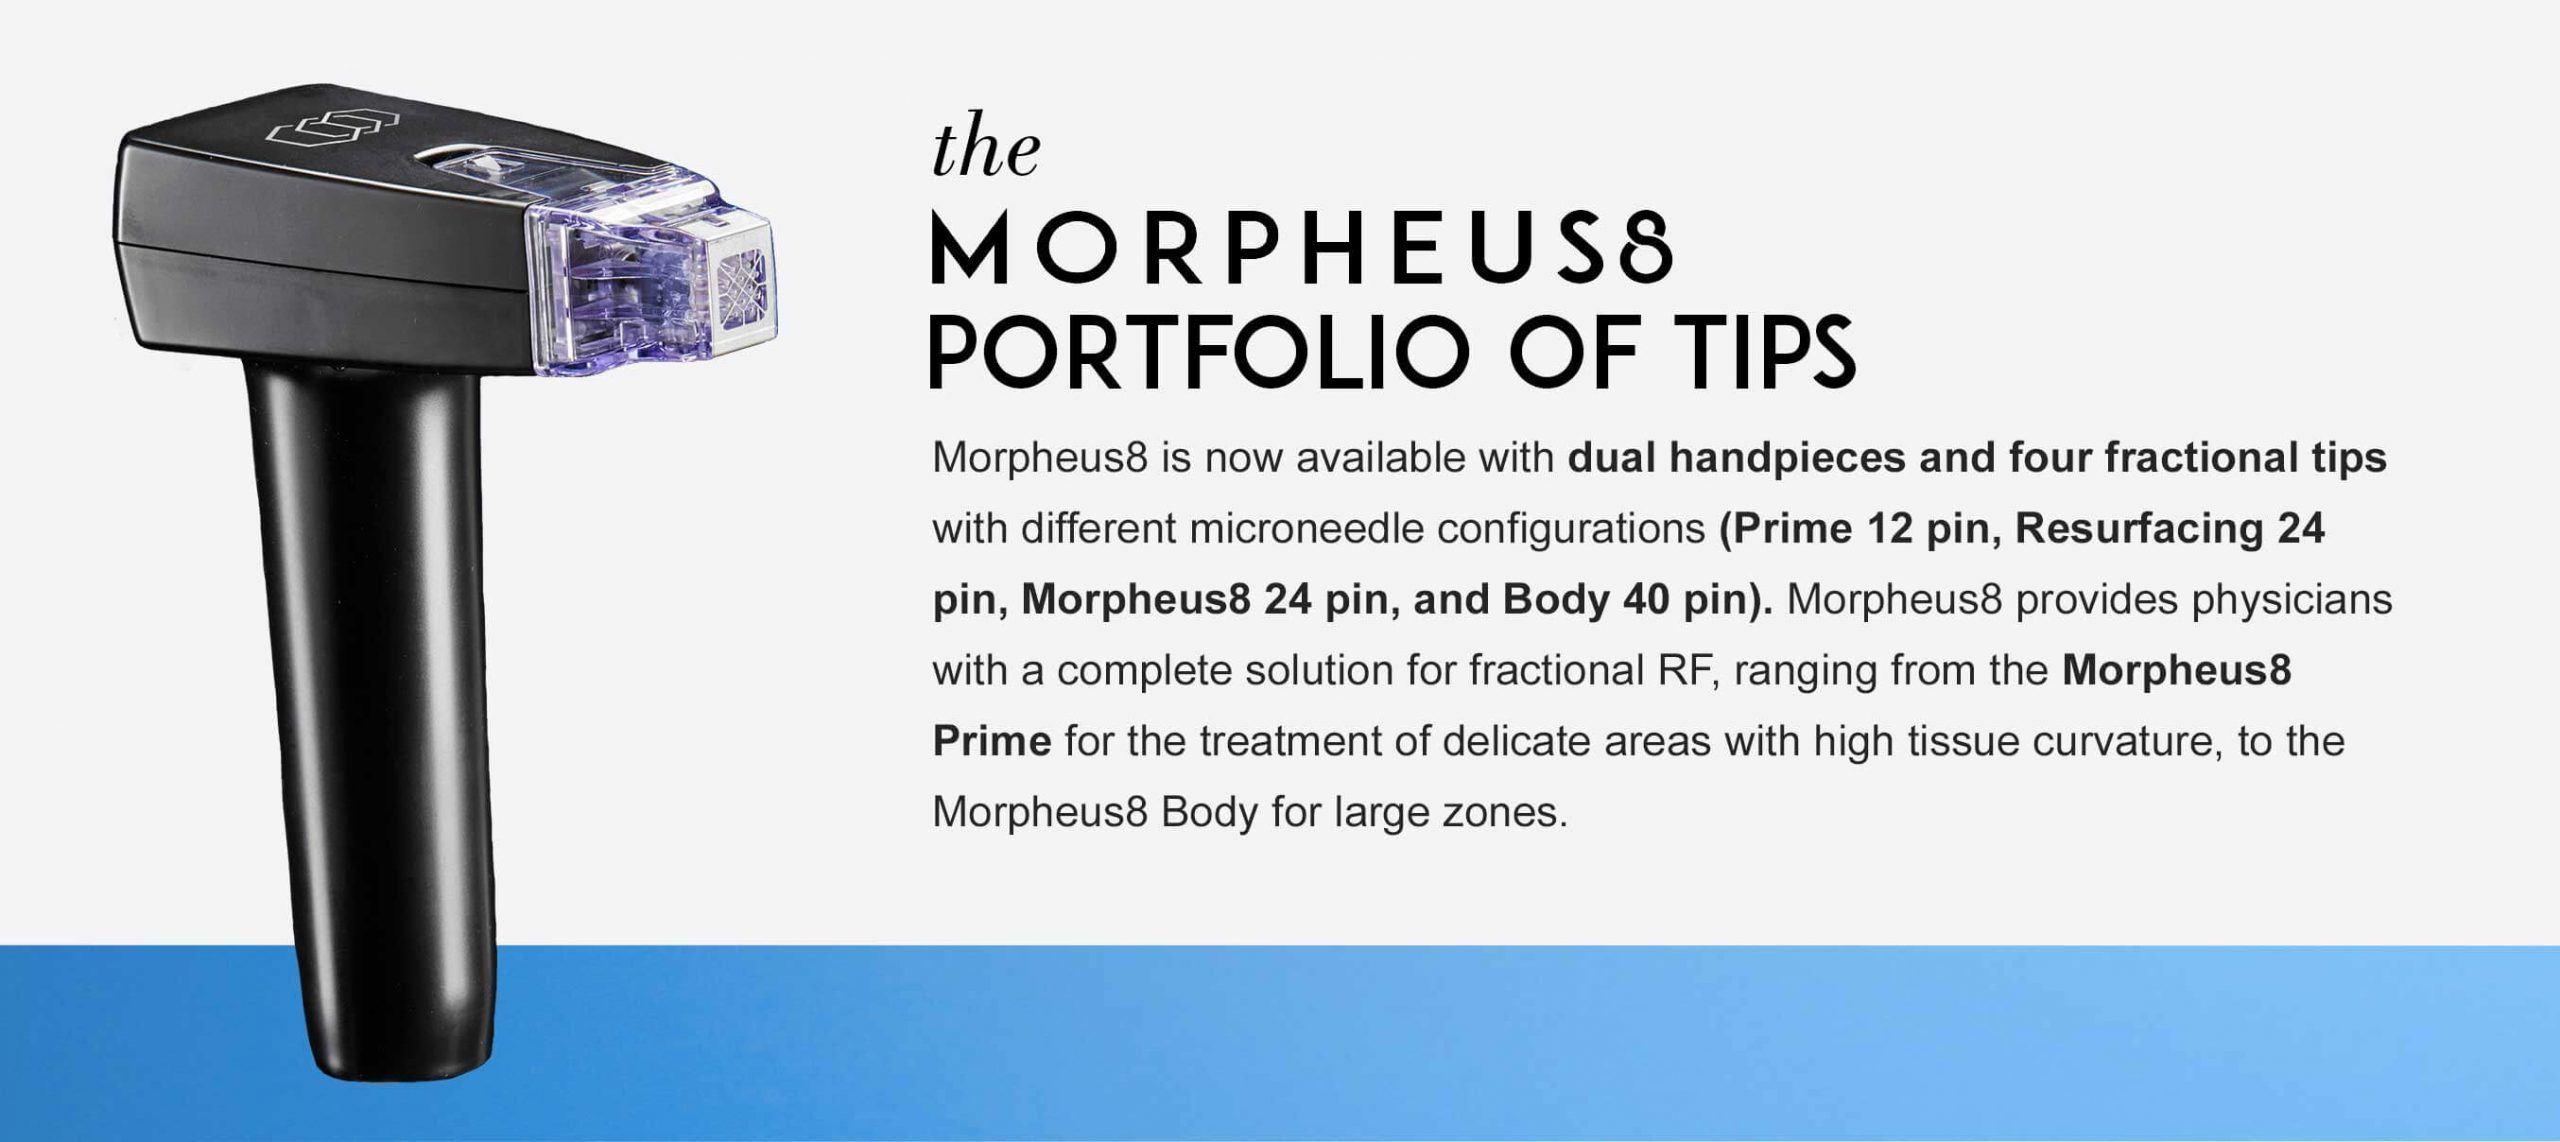 Morpehus8-Tip-Portfolio-details